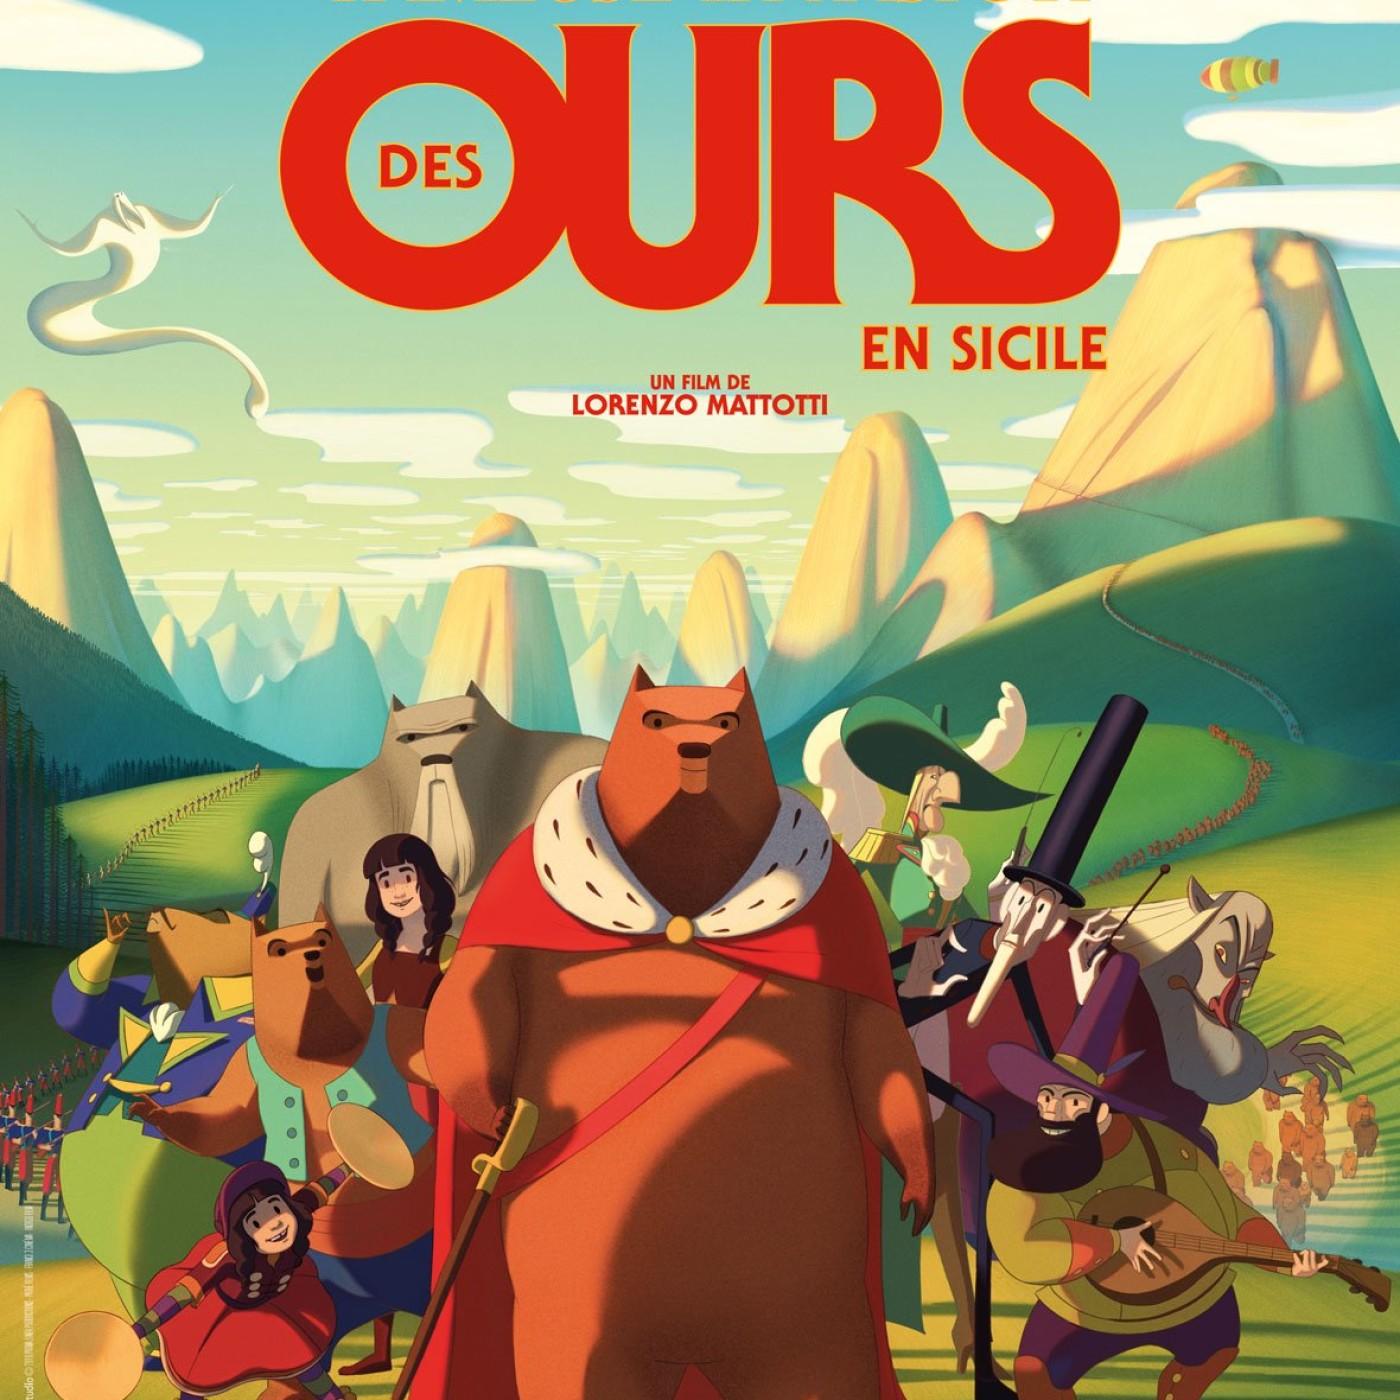 Critique Du Film LA FAMEUSE INVASION DES OURS EN SICILE | Cinémaradio